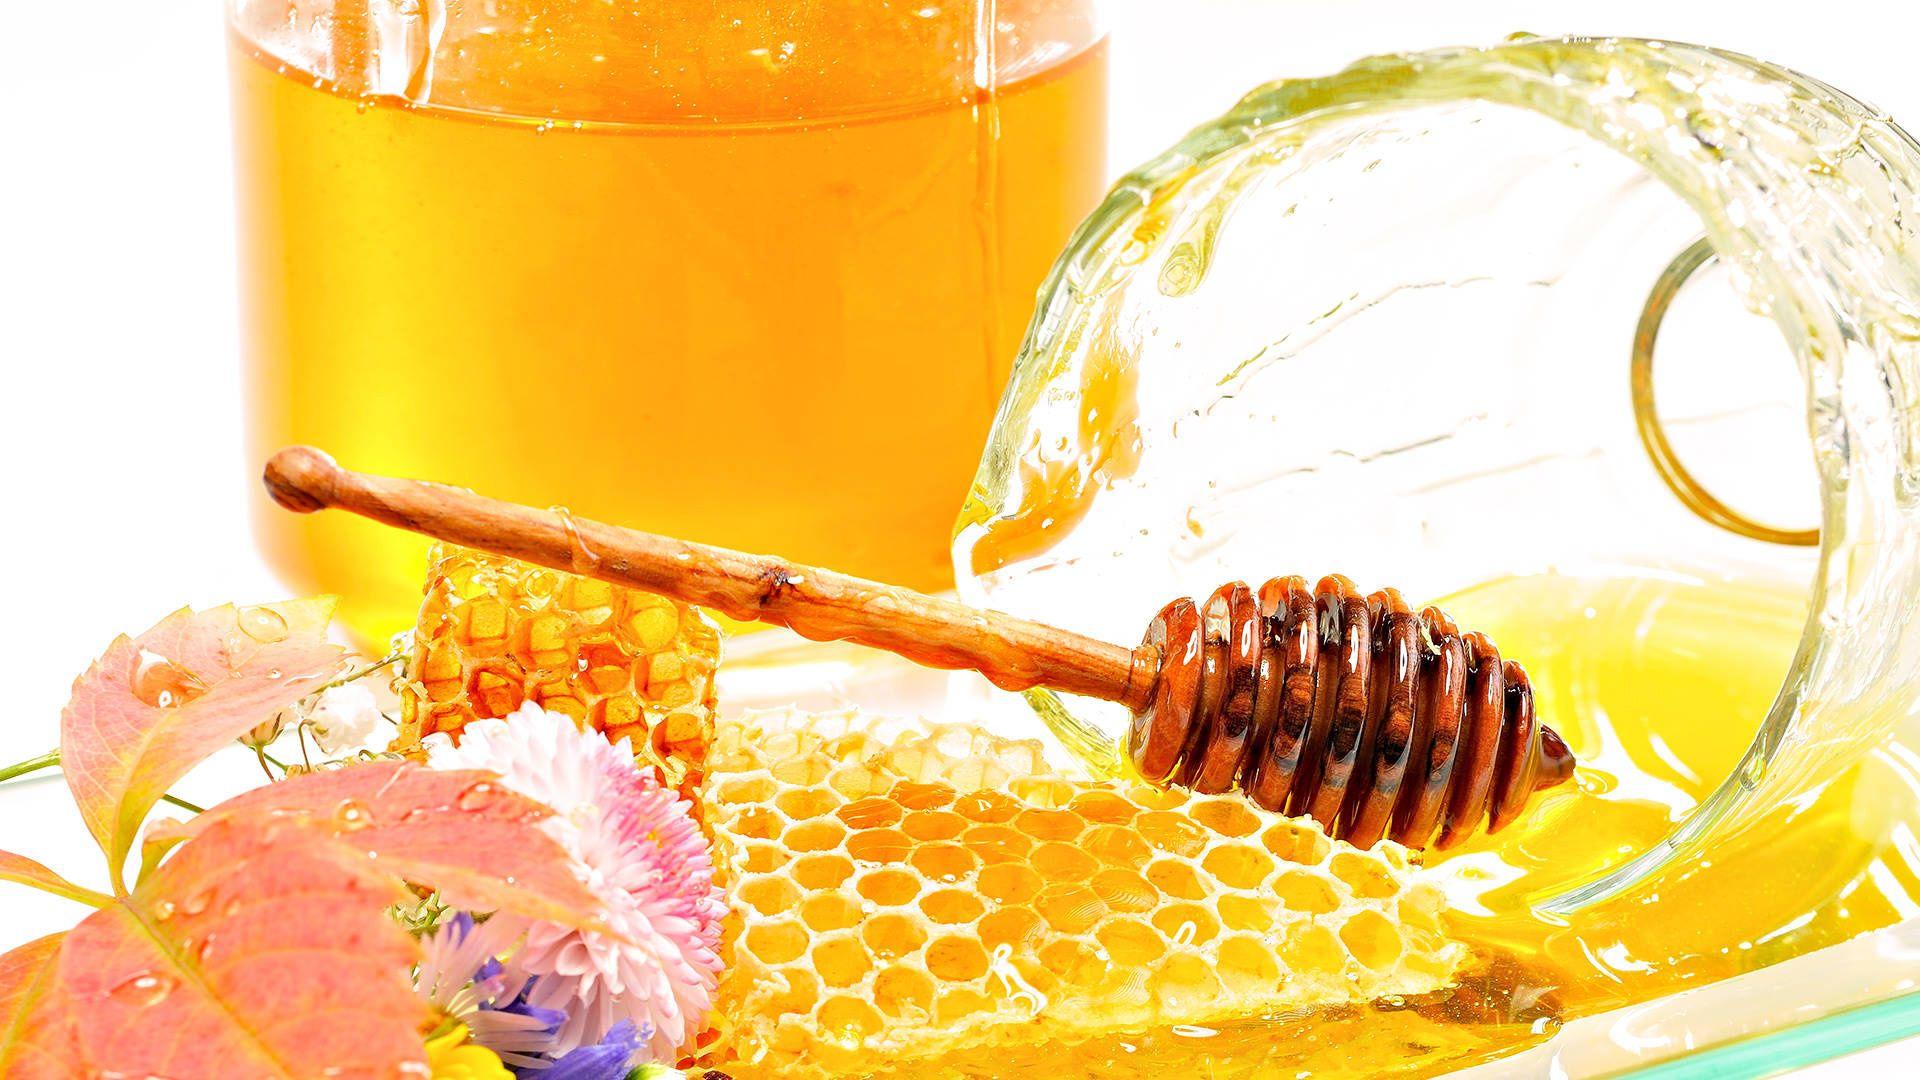 Honey hd wallpaper for laptop